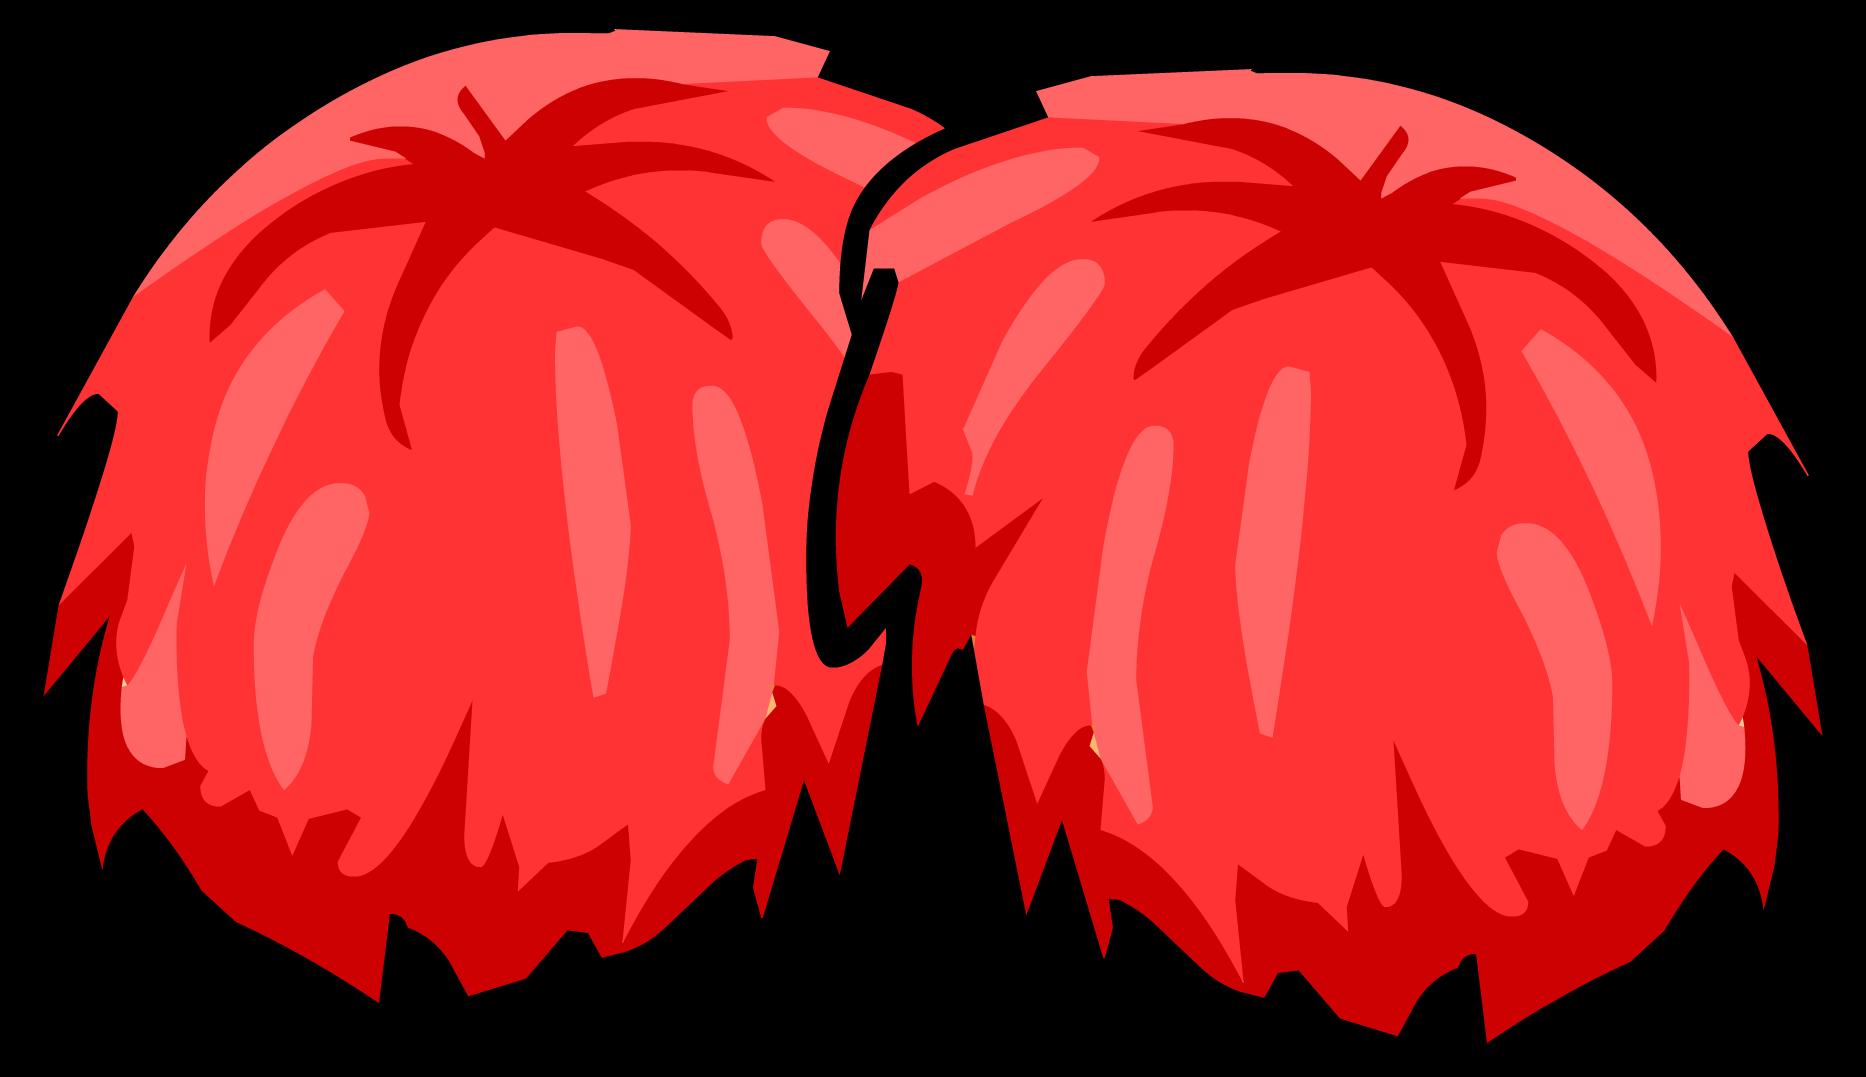 White clipart pom pom. Red poms png transparent